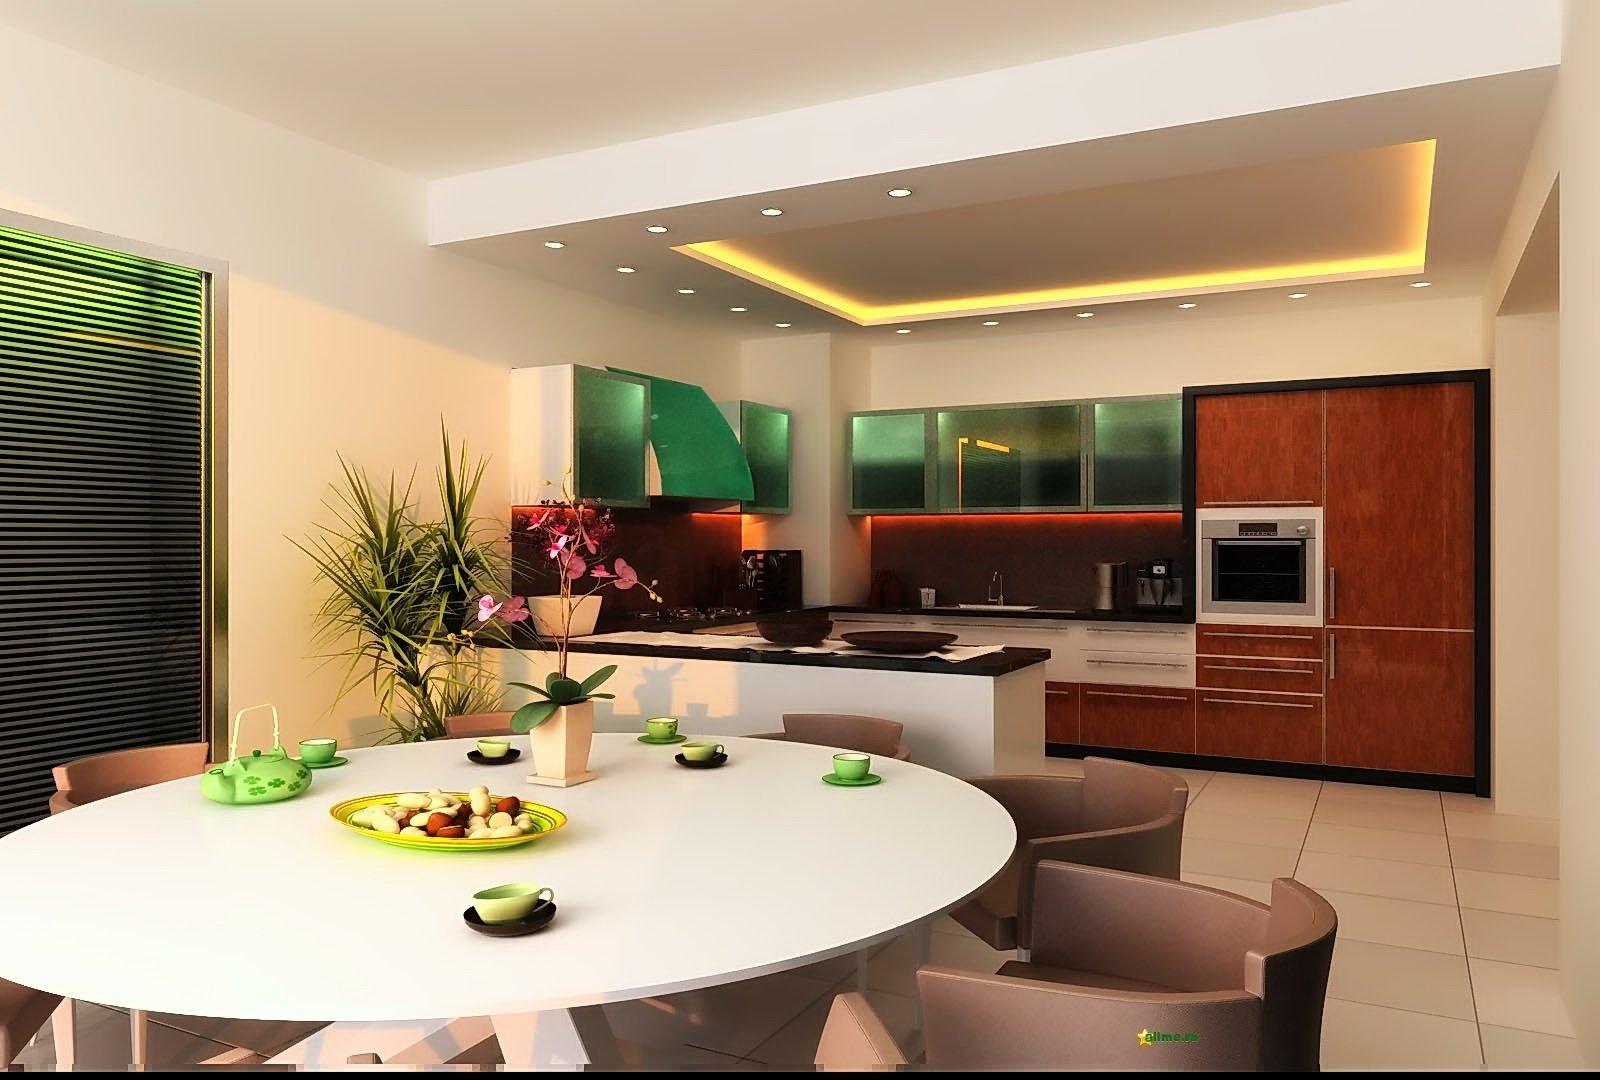 Дизайн проект потолка в кухне-гостиной фото